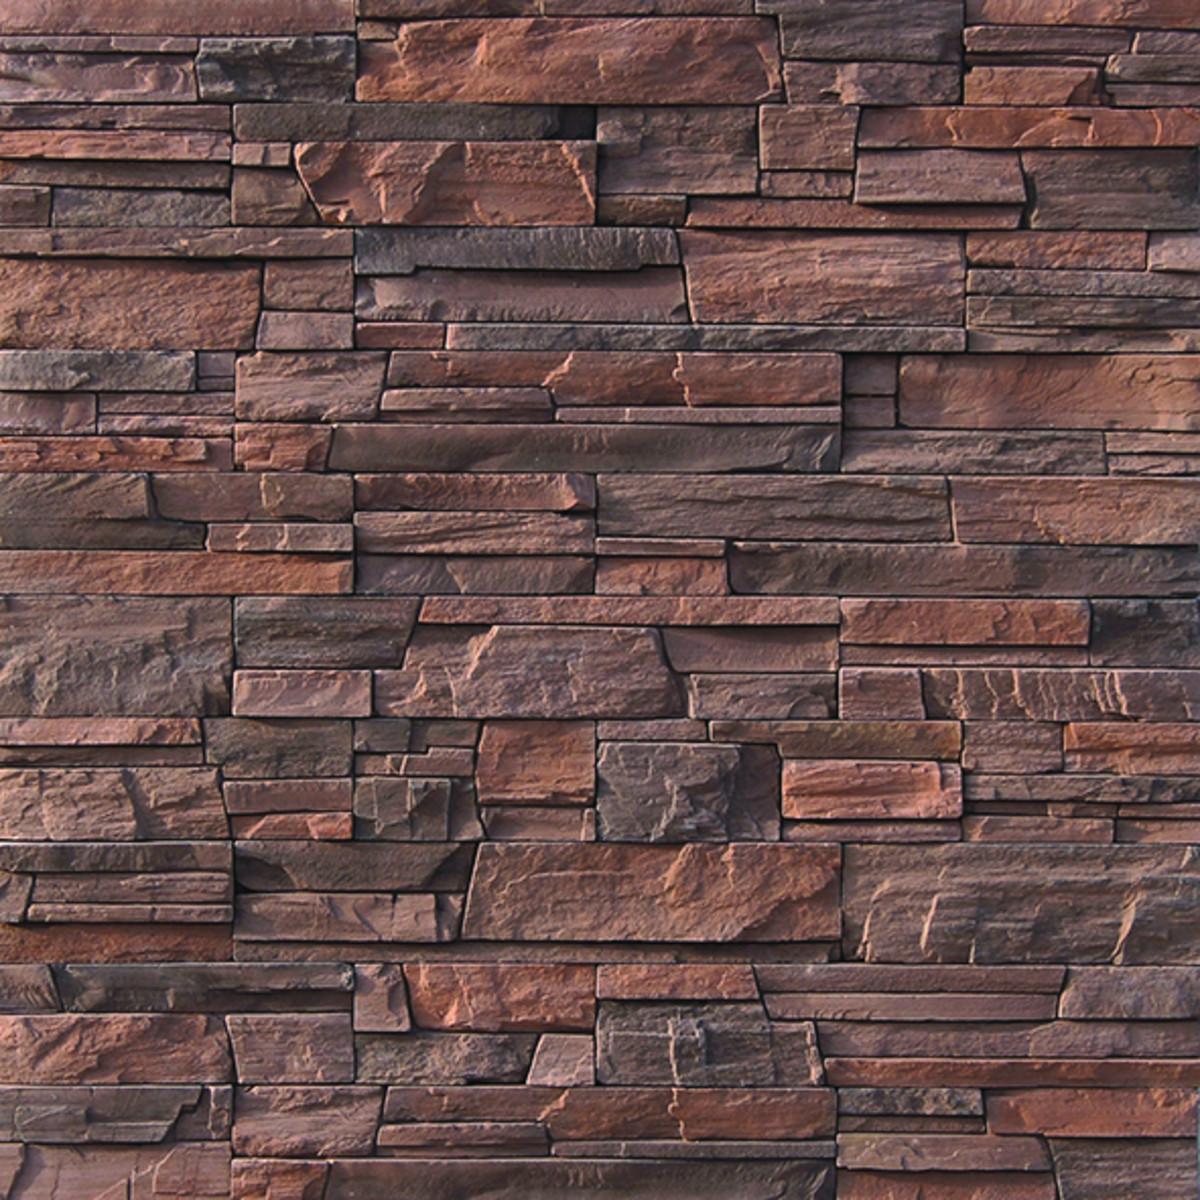 Плитка Декоративная Фьорд Лэнд темно-коричневый